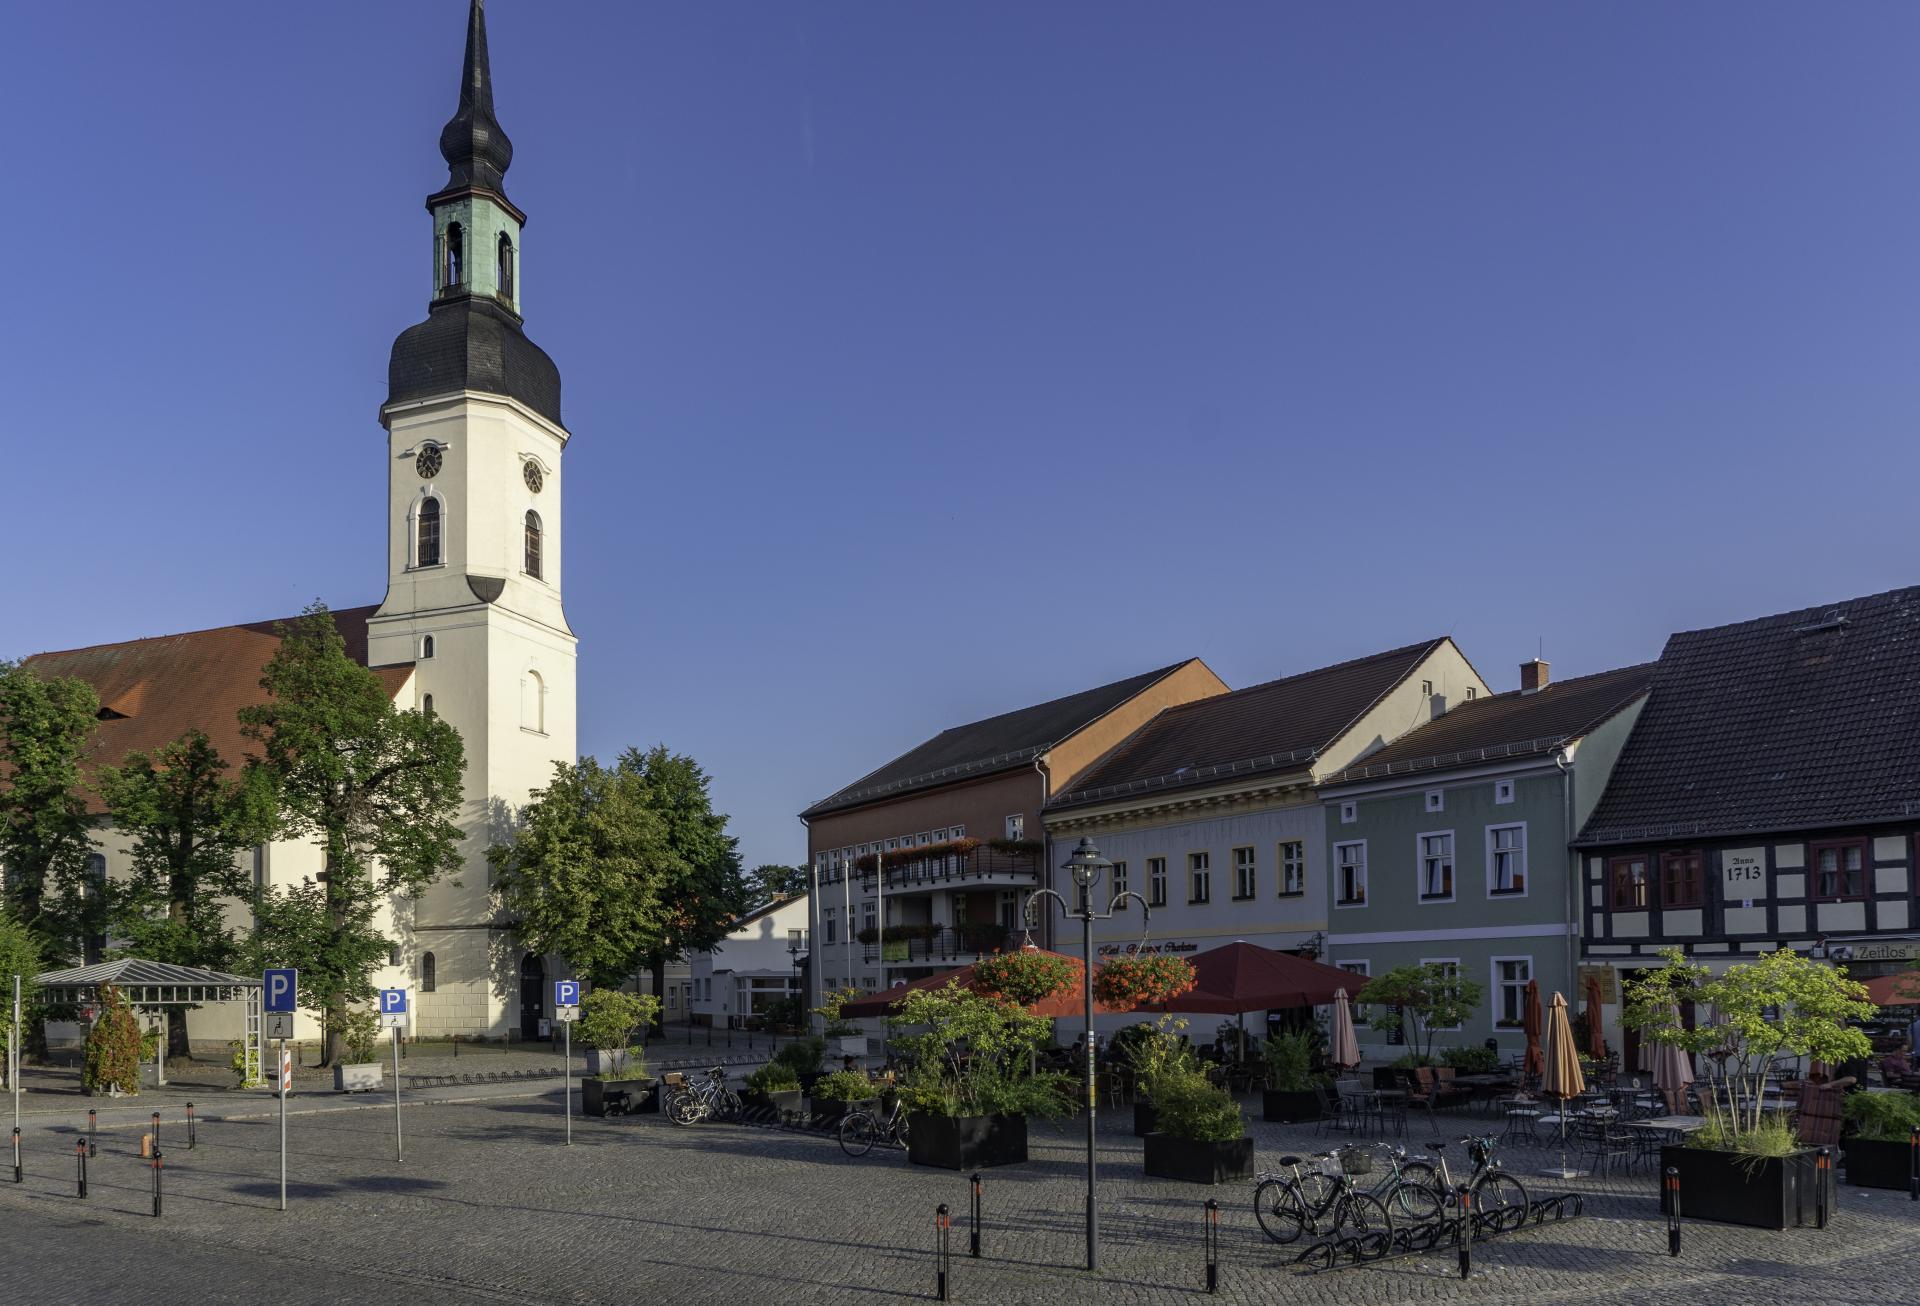 Der Marktplatz von Lübbenau/Spreewald, Foto: Peter Becker